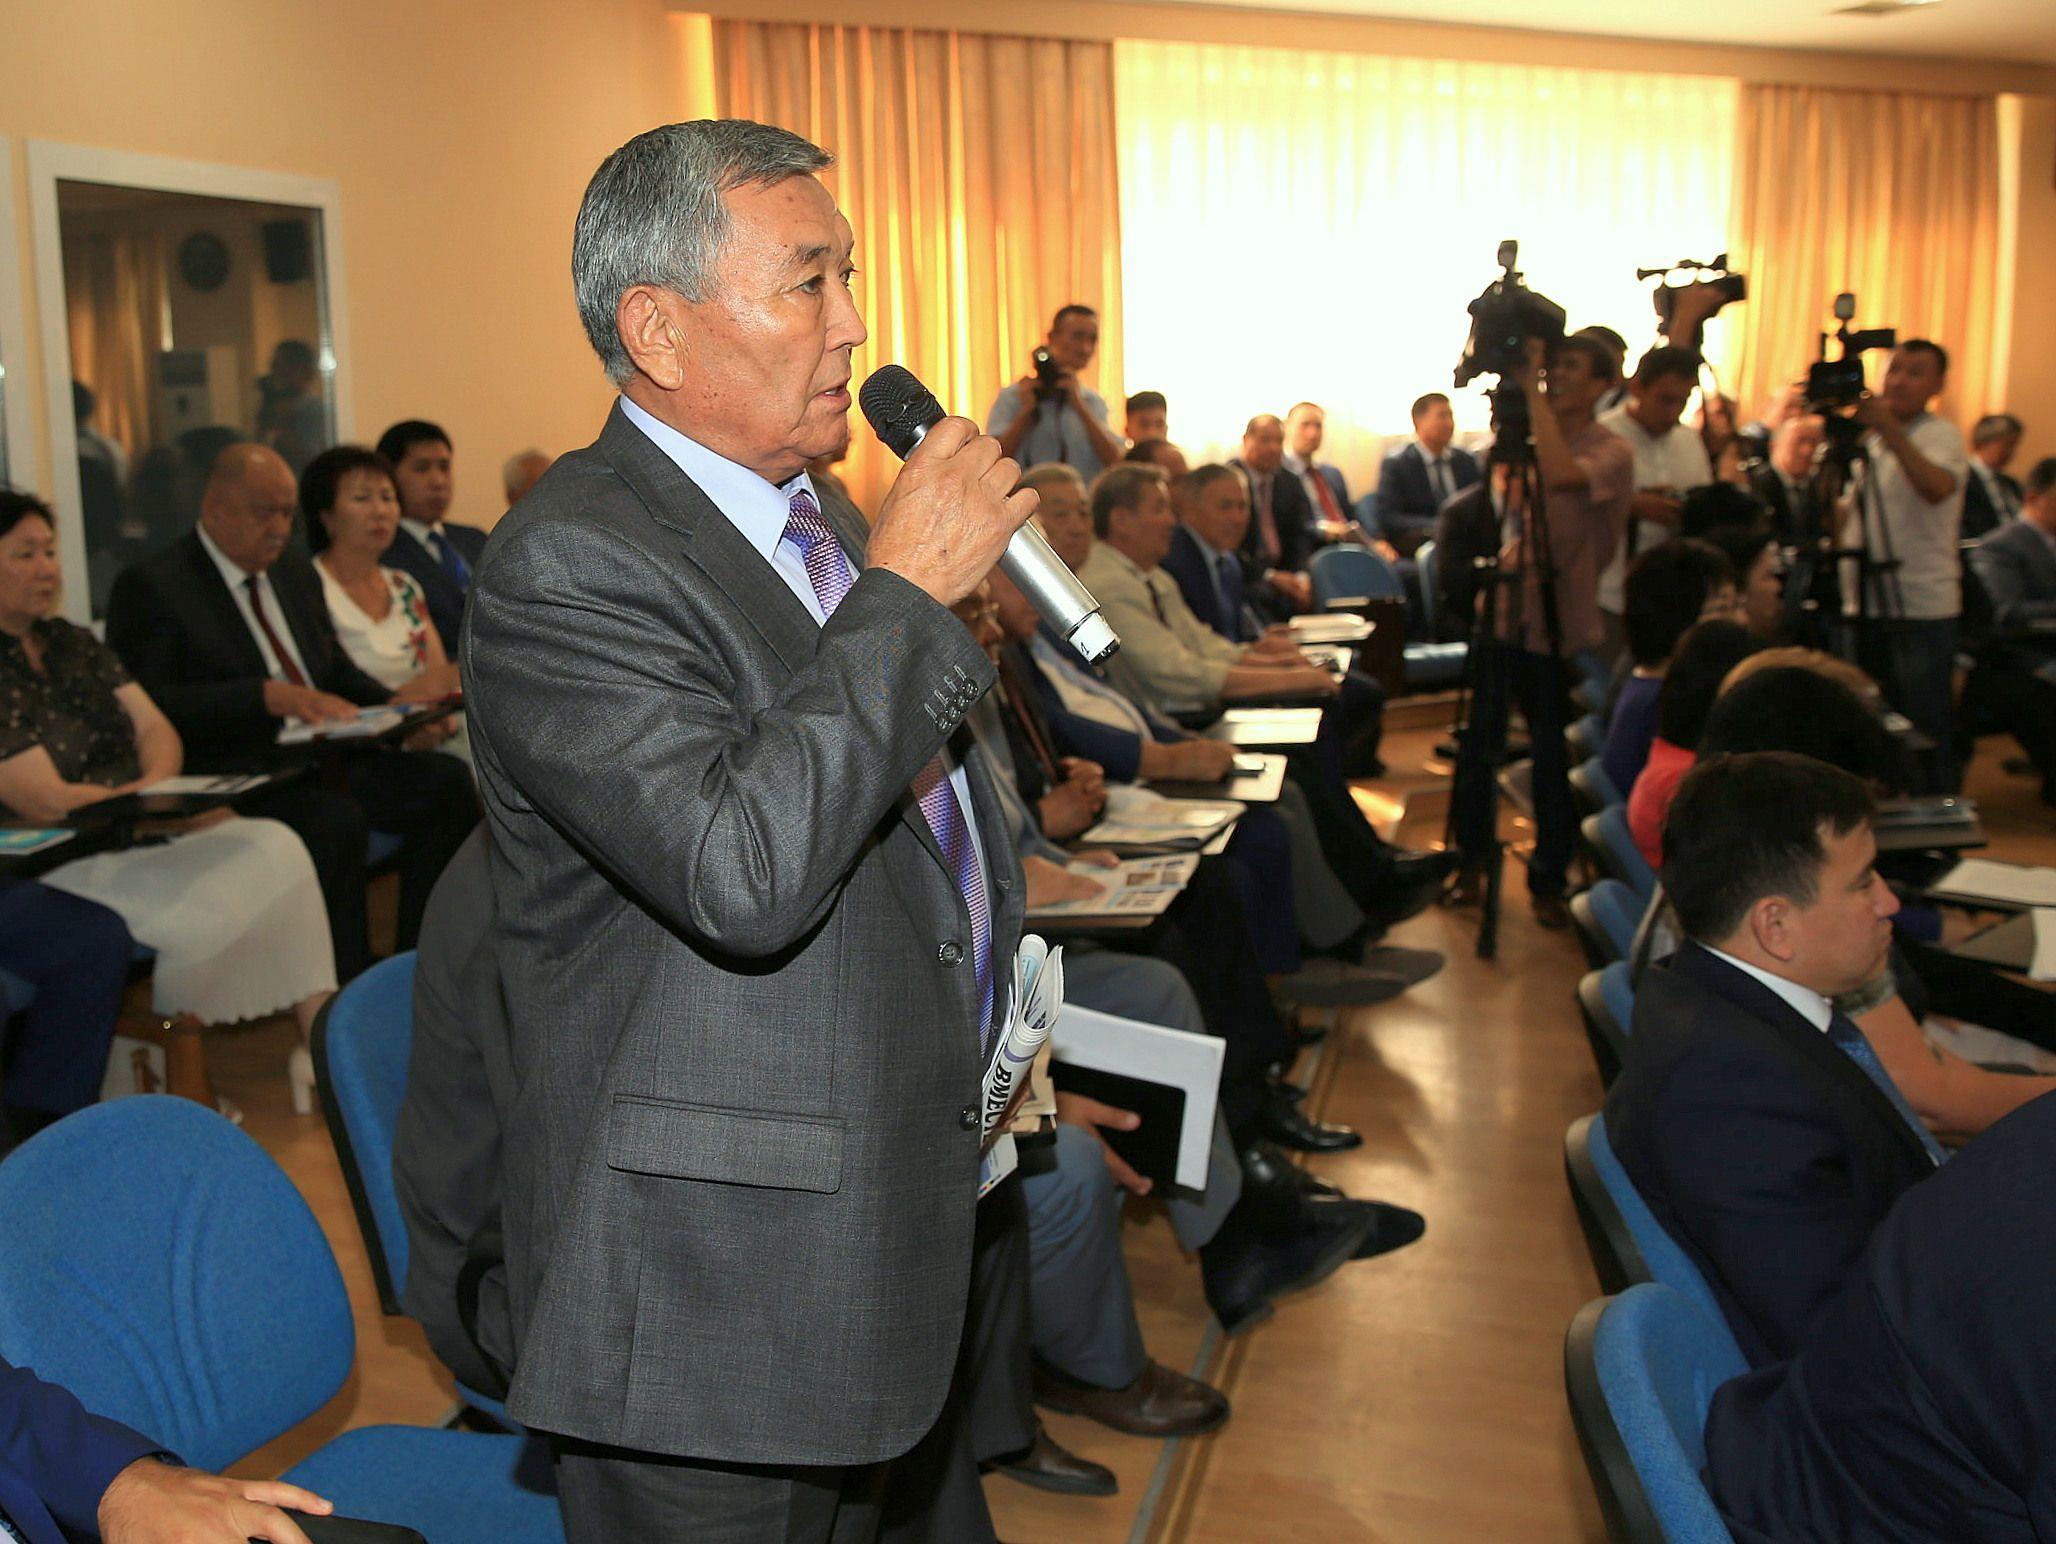 По информации акима Южно-Казахстанской области Бейбута Атамкулова, в регионе действует 11 вузов, 90 учреждений ТиПО и 1 053 школы. В 2016 году в области сданы в эксплуатацию две школы, завершается строительство еще 6.